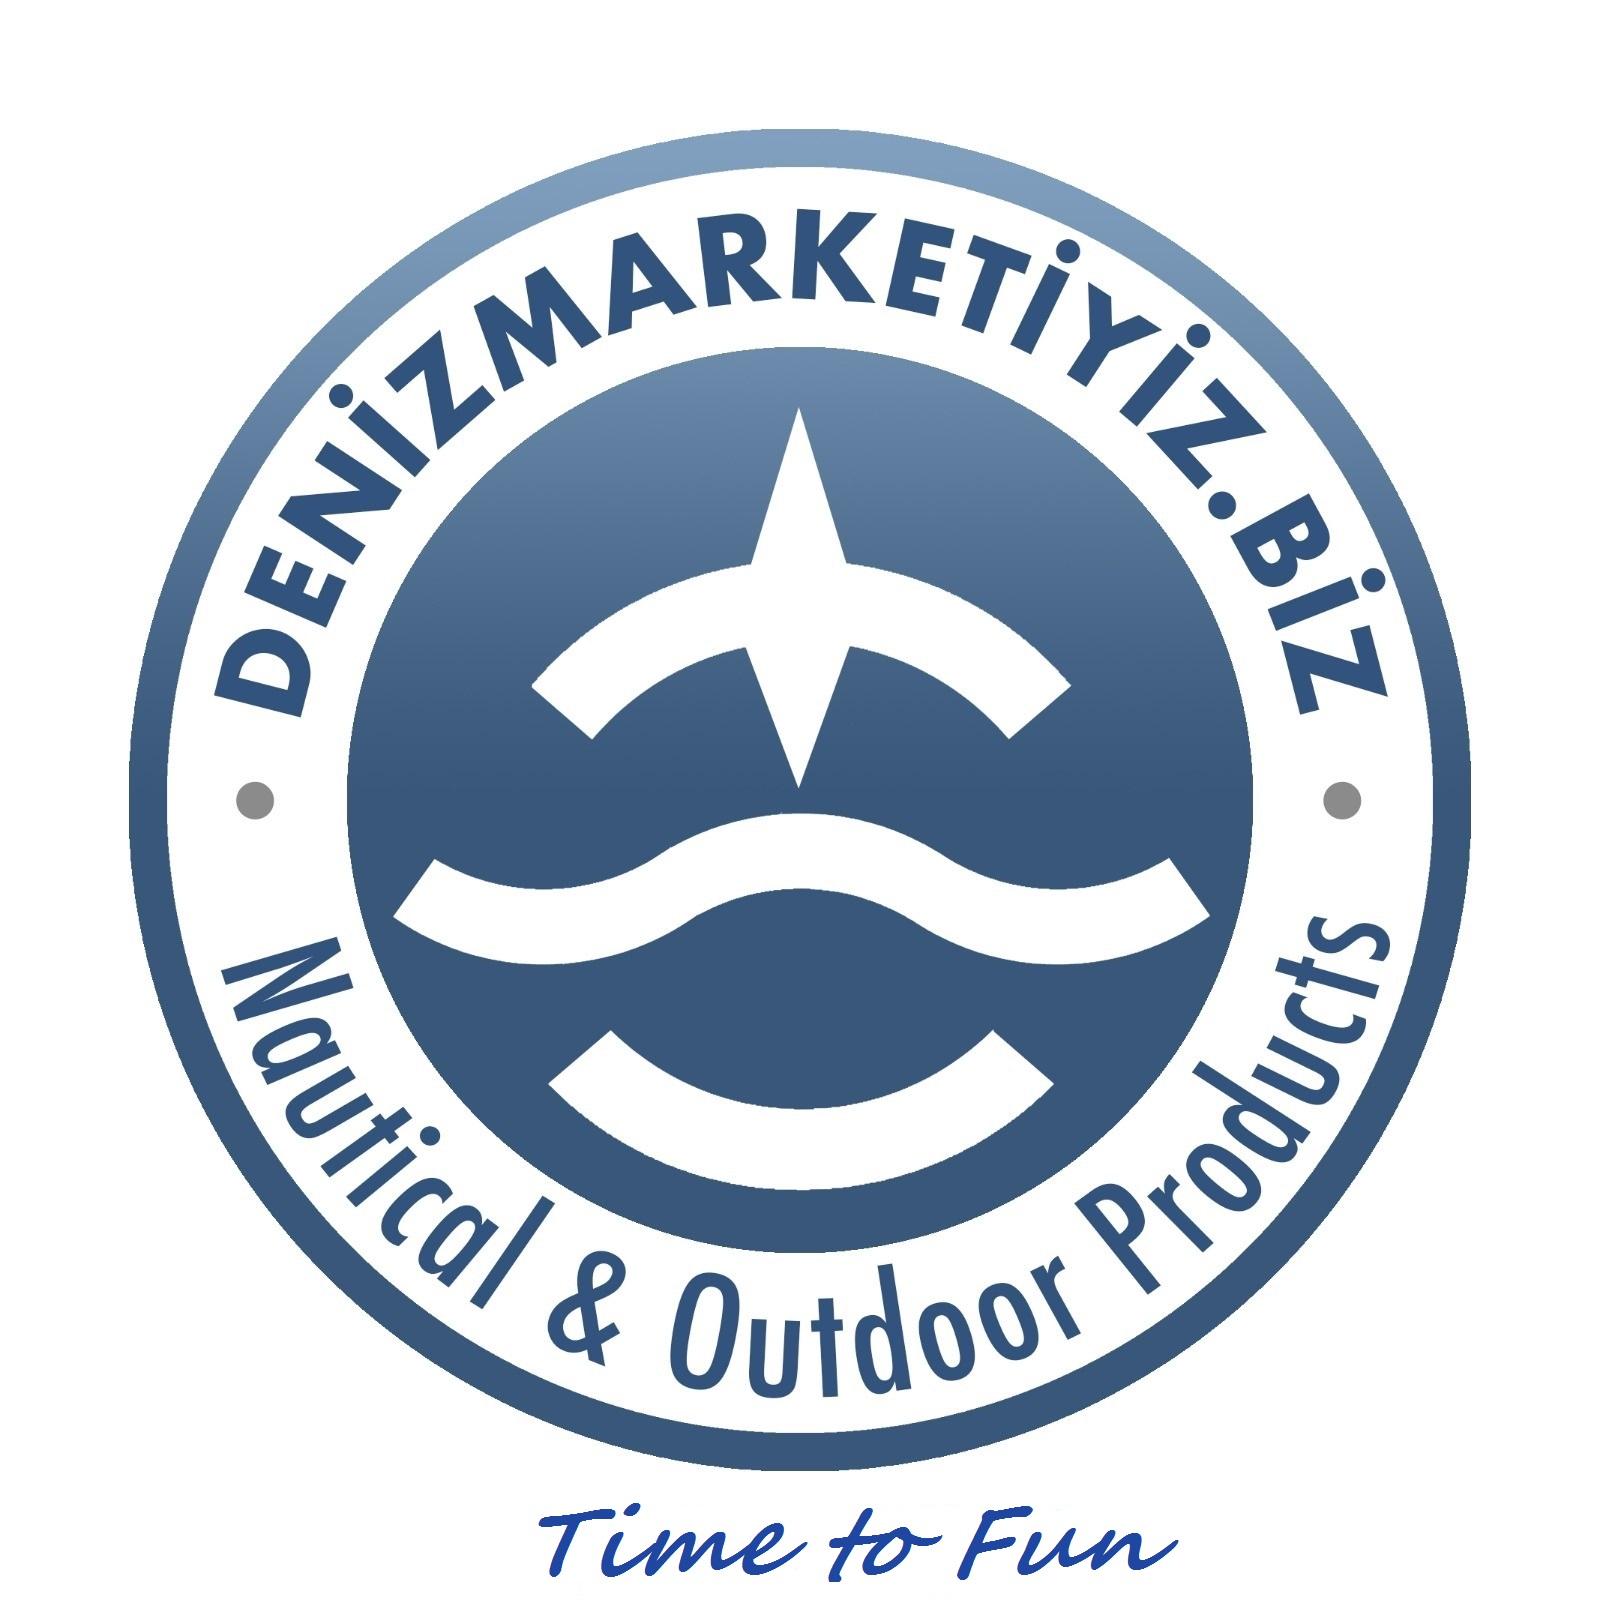 Deniz Marketi - Antalya, Yat Malzemeleri, Tekne Malzemeleri, Deniz Malzemeleri, Su Sporlarý, Tekne ve Yat Malzemeleri , Dalýþ Malzemeleri ,Balýk Malzemeleri